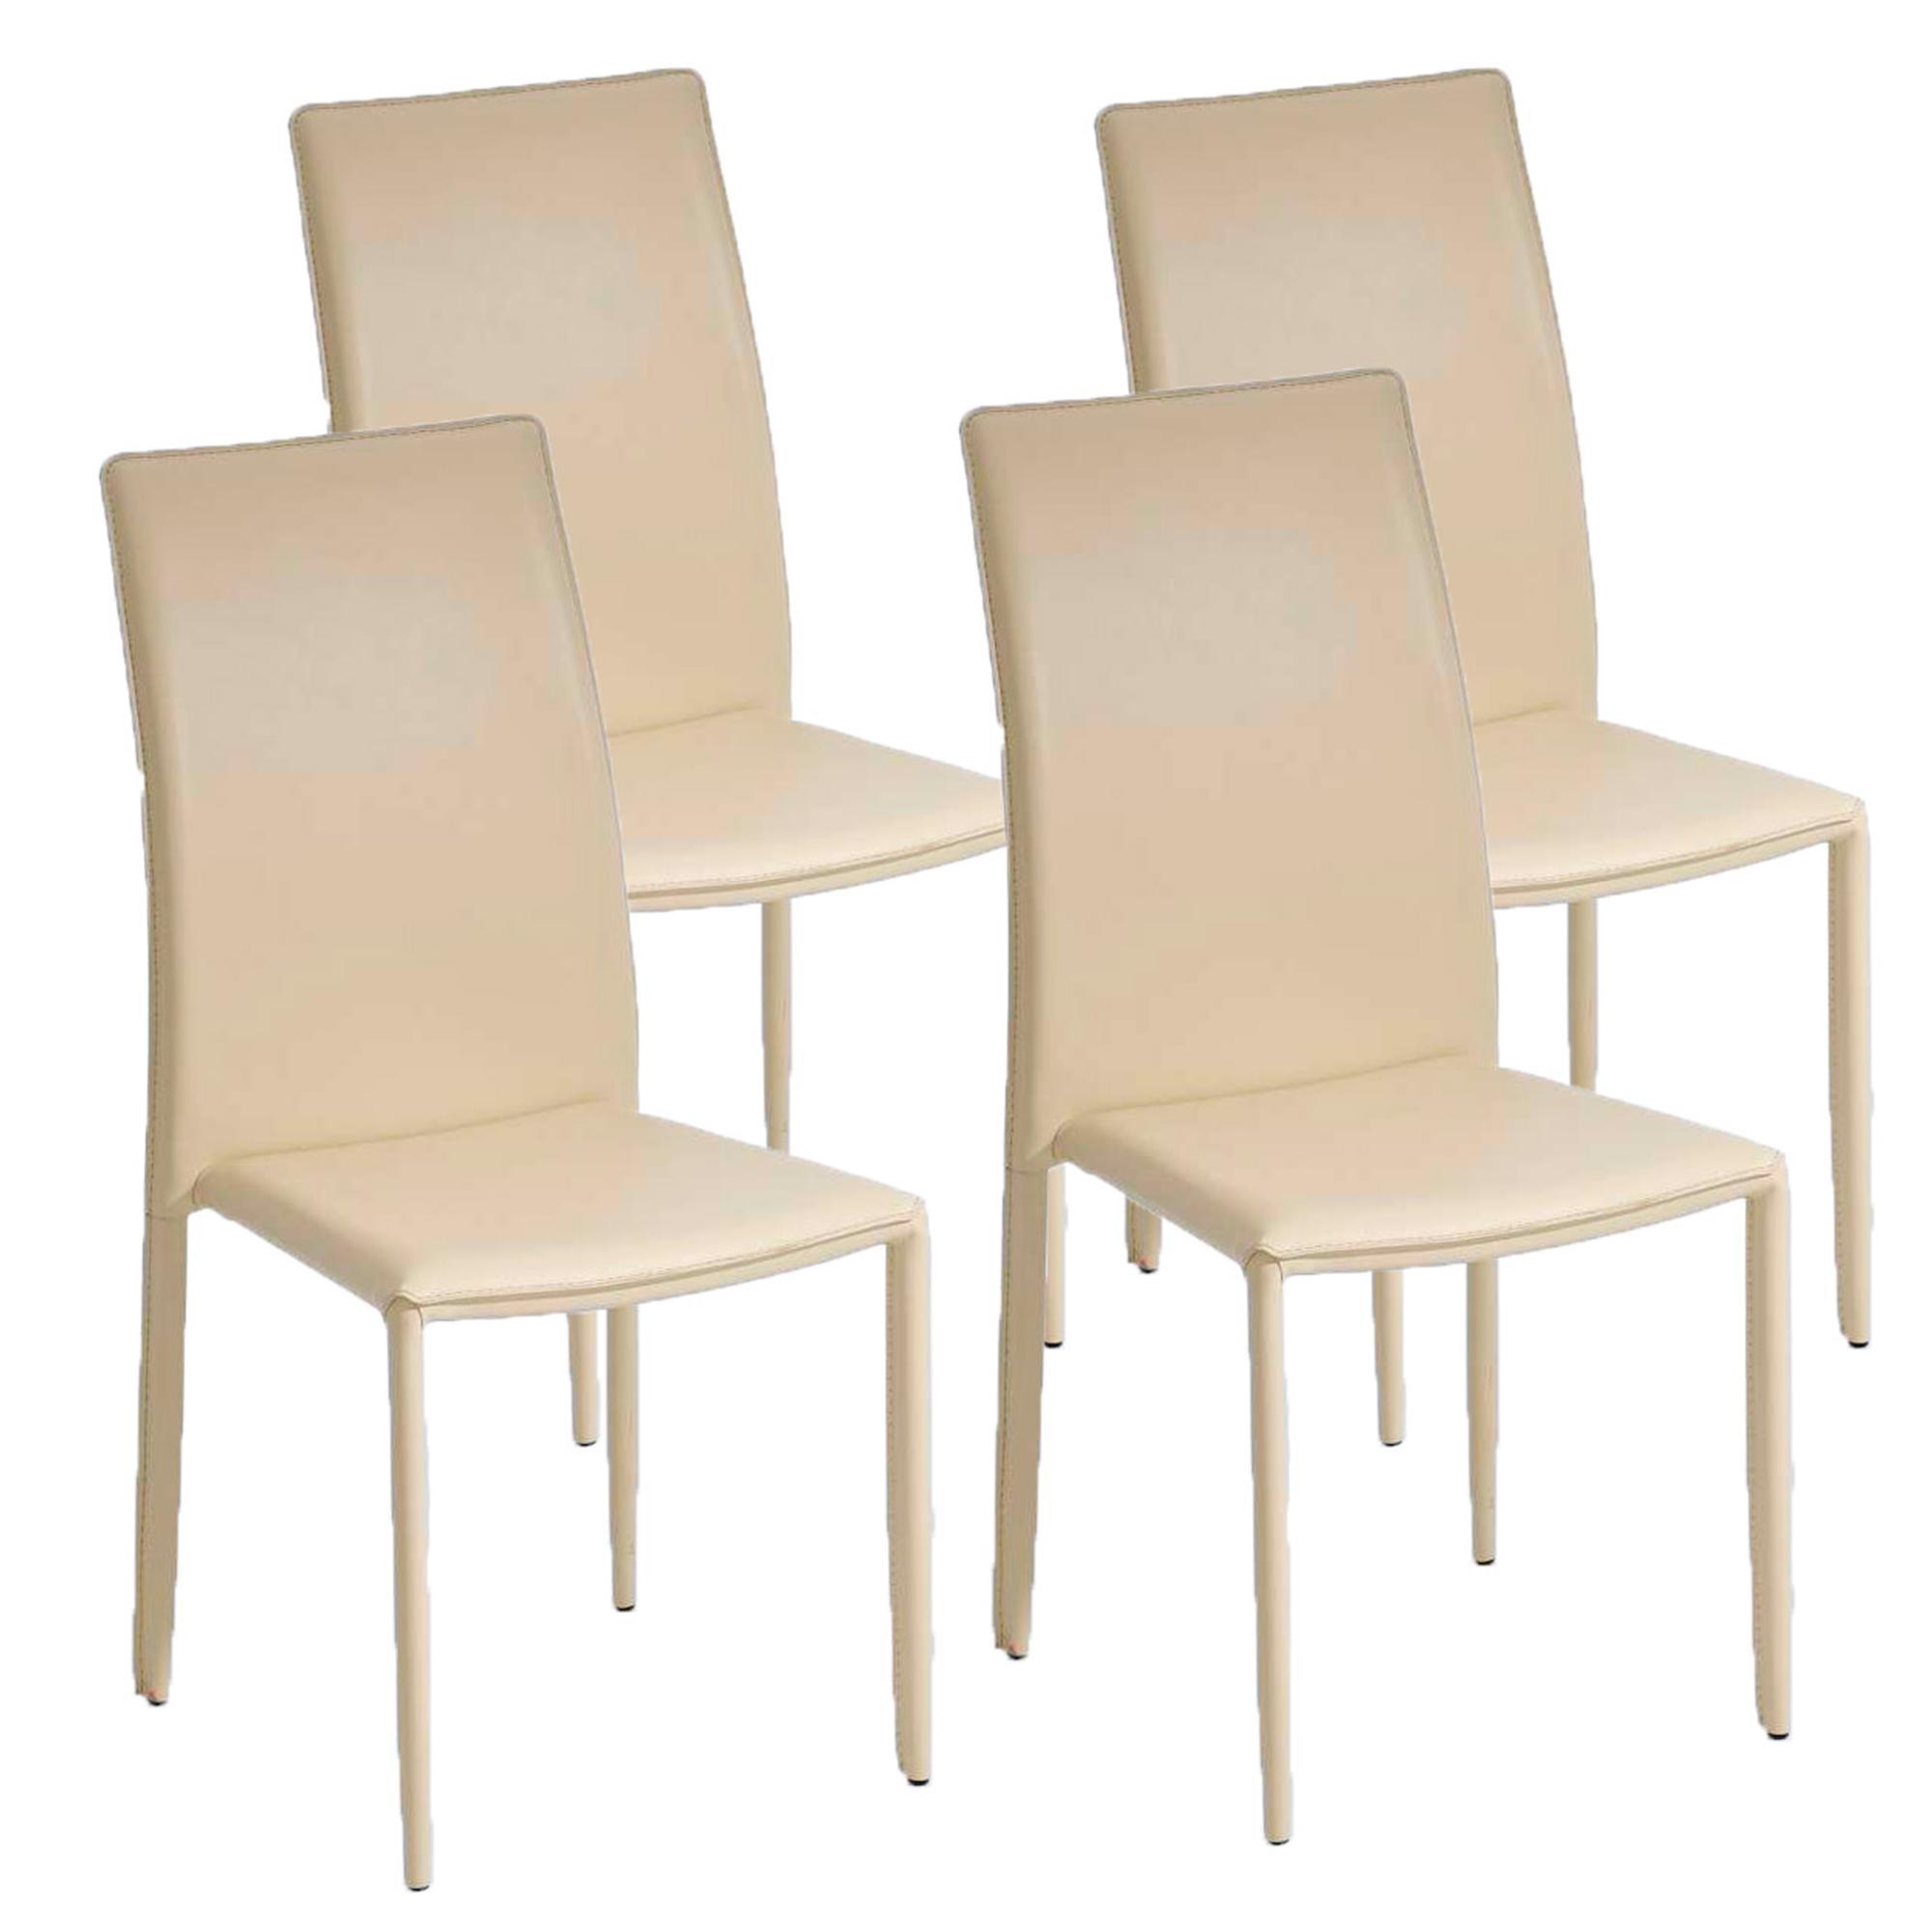 Lote 4 sillas de comedor o cocina alena apilables color - Sillas comedor colores ...